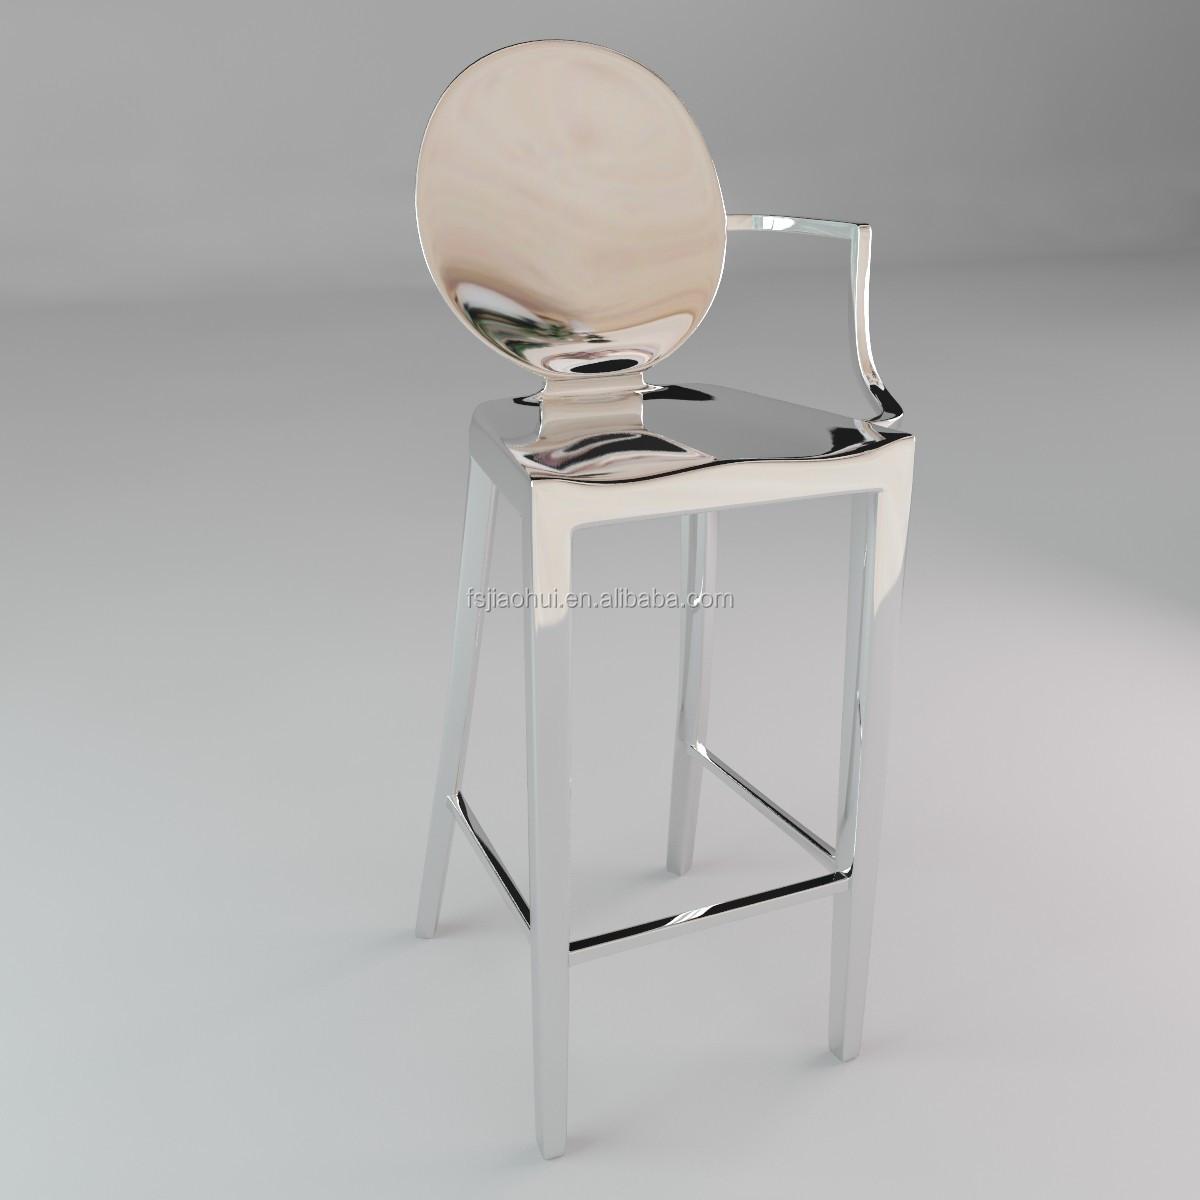 Kong Bar Stool Chair View Kong Bar Stool Chair Product Details from Foshan Jiaohui Glass